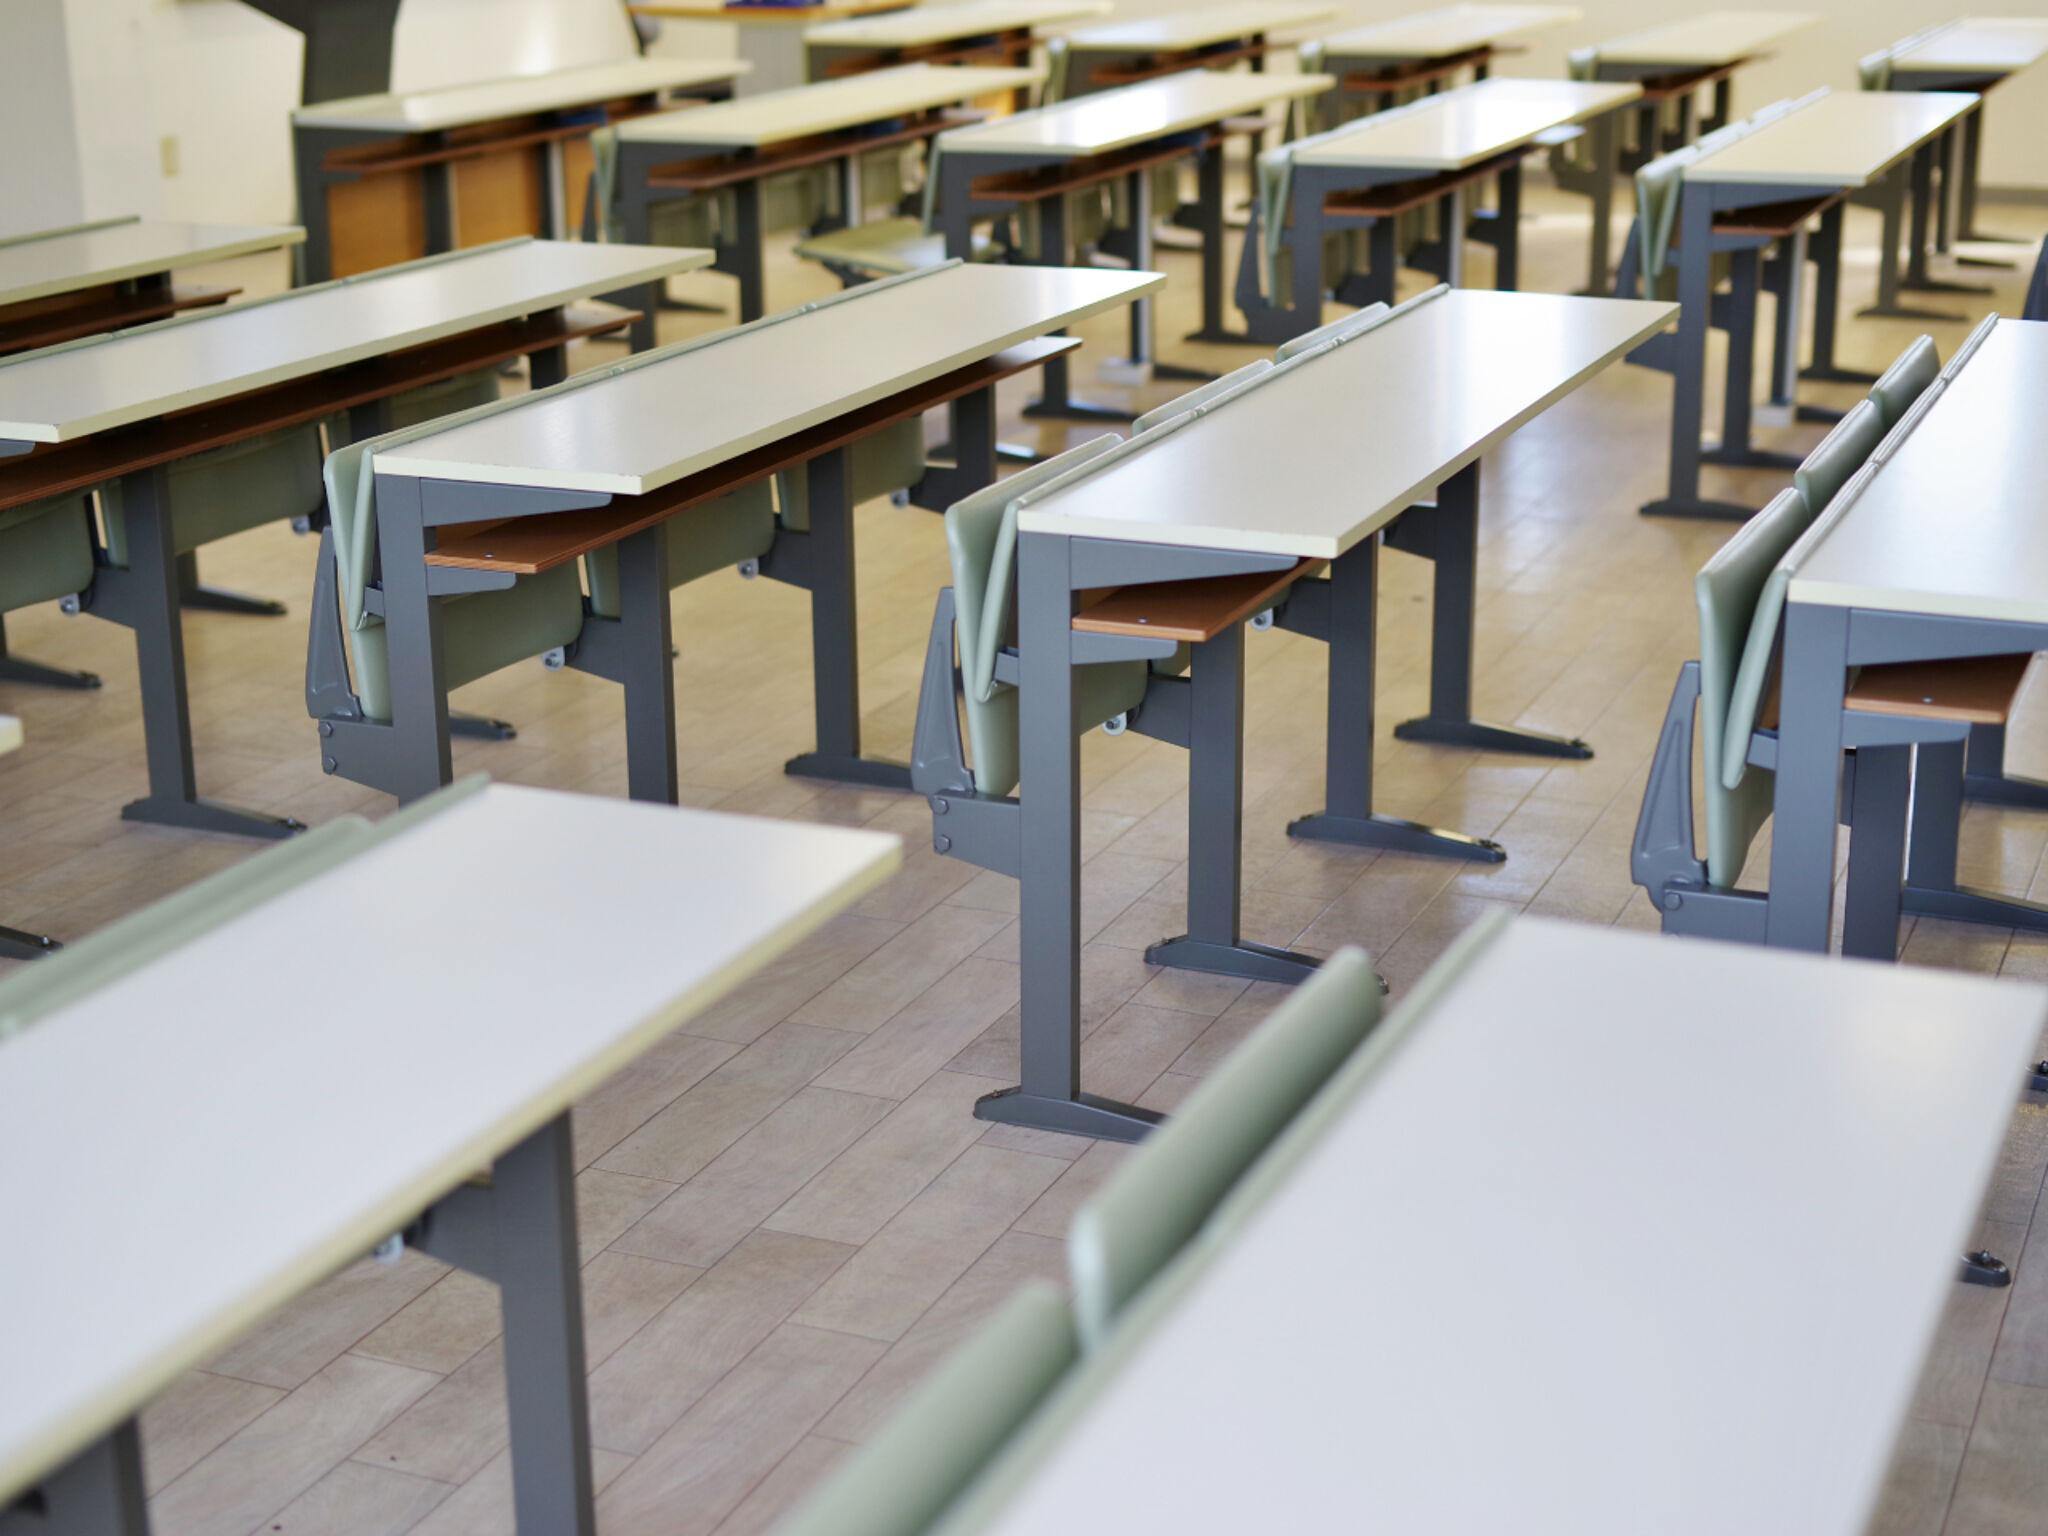 誰もいない集団塾の教室の画像